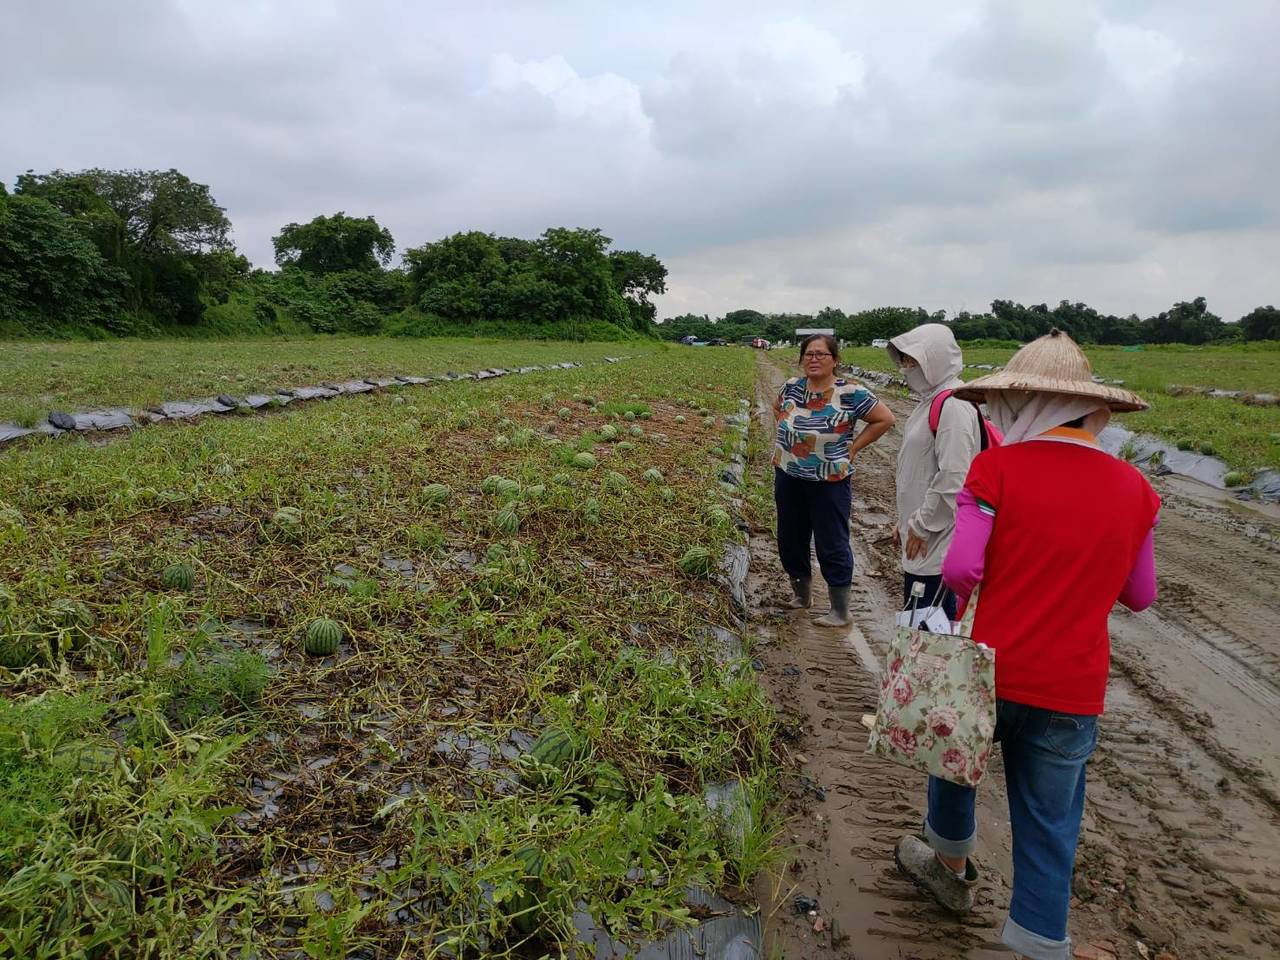 農委會公告南市為辦理0812豪雨農業天然災害現金救助區域,21日至30日受理申請...